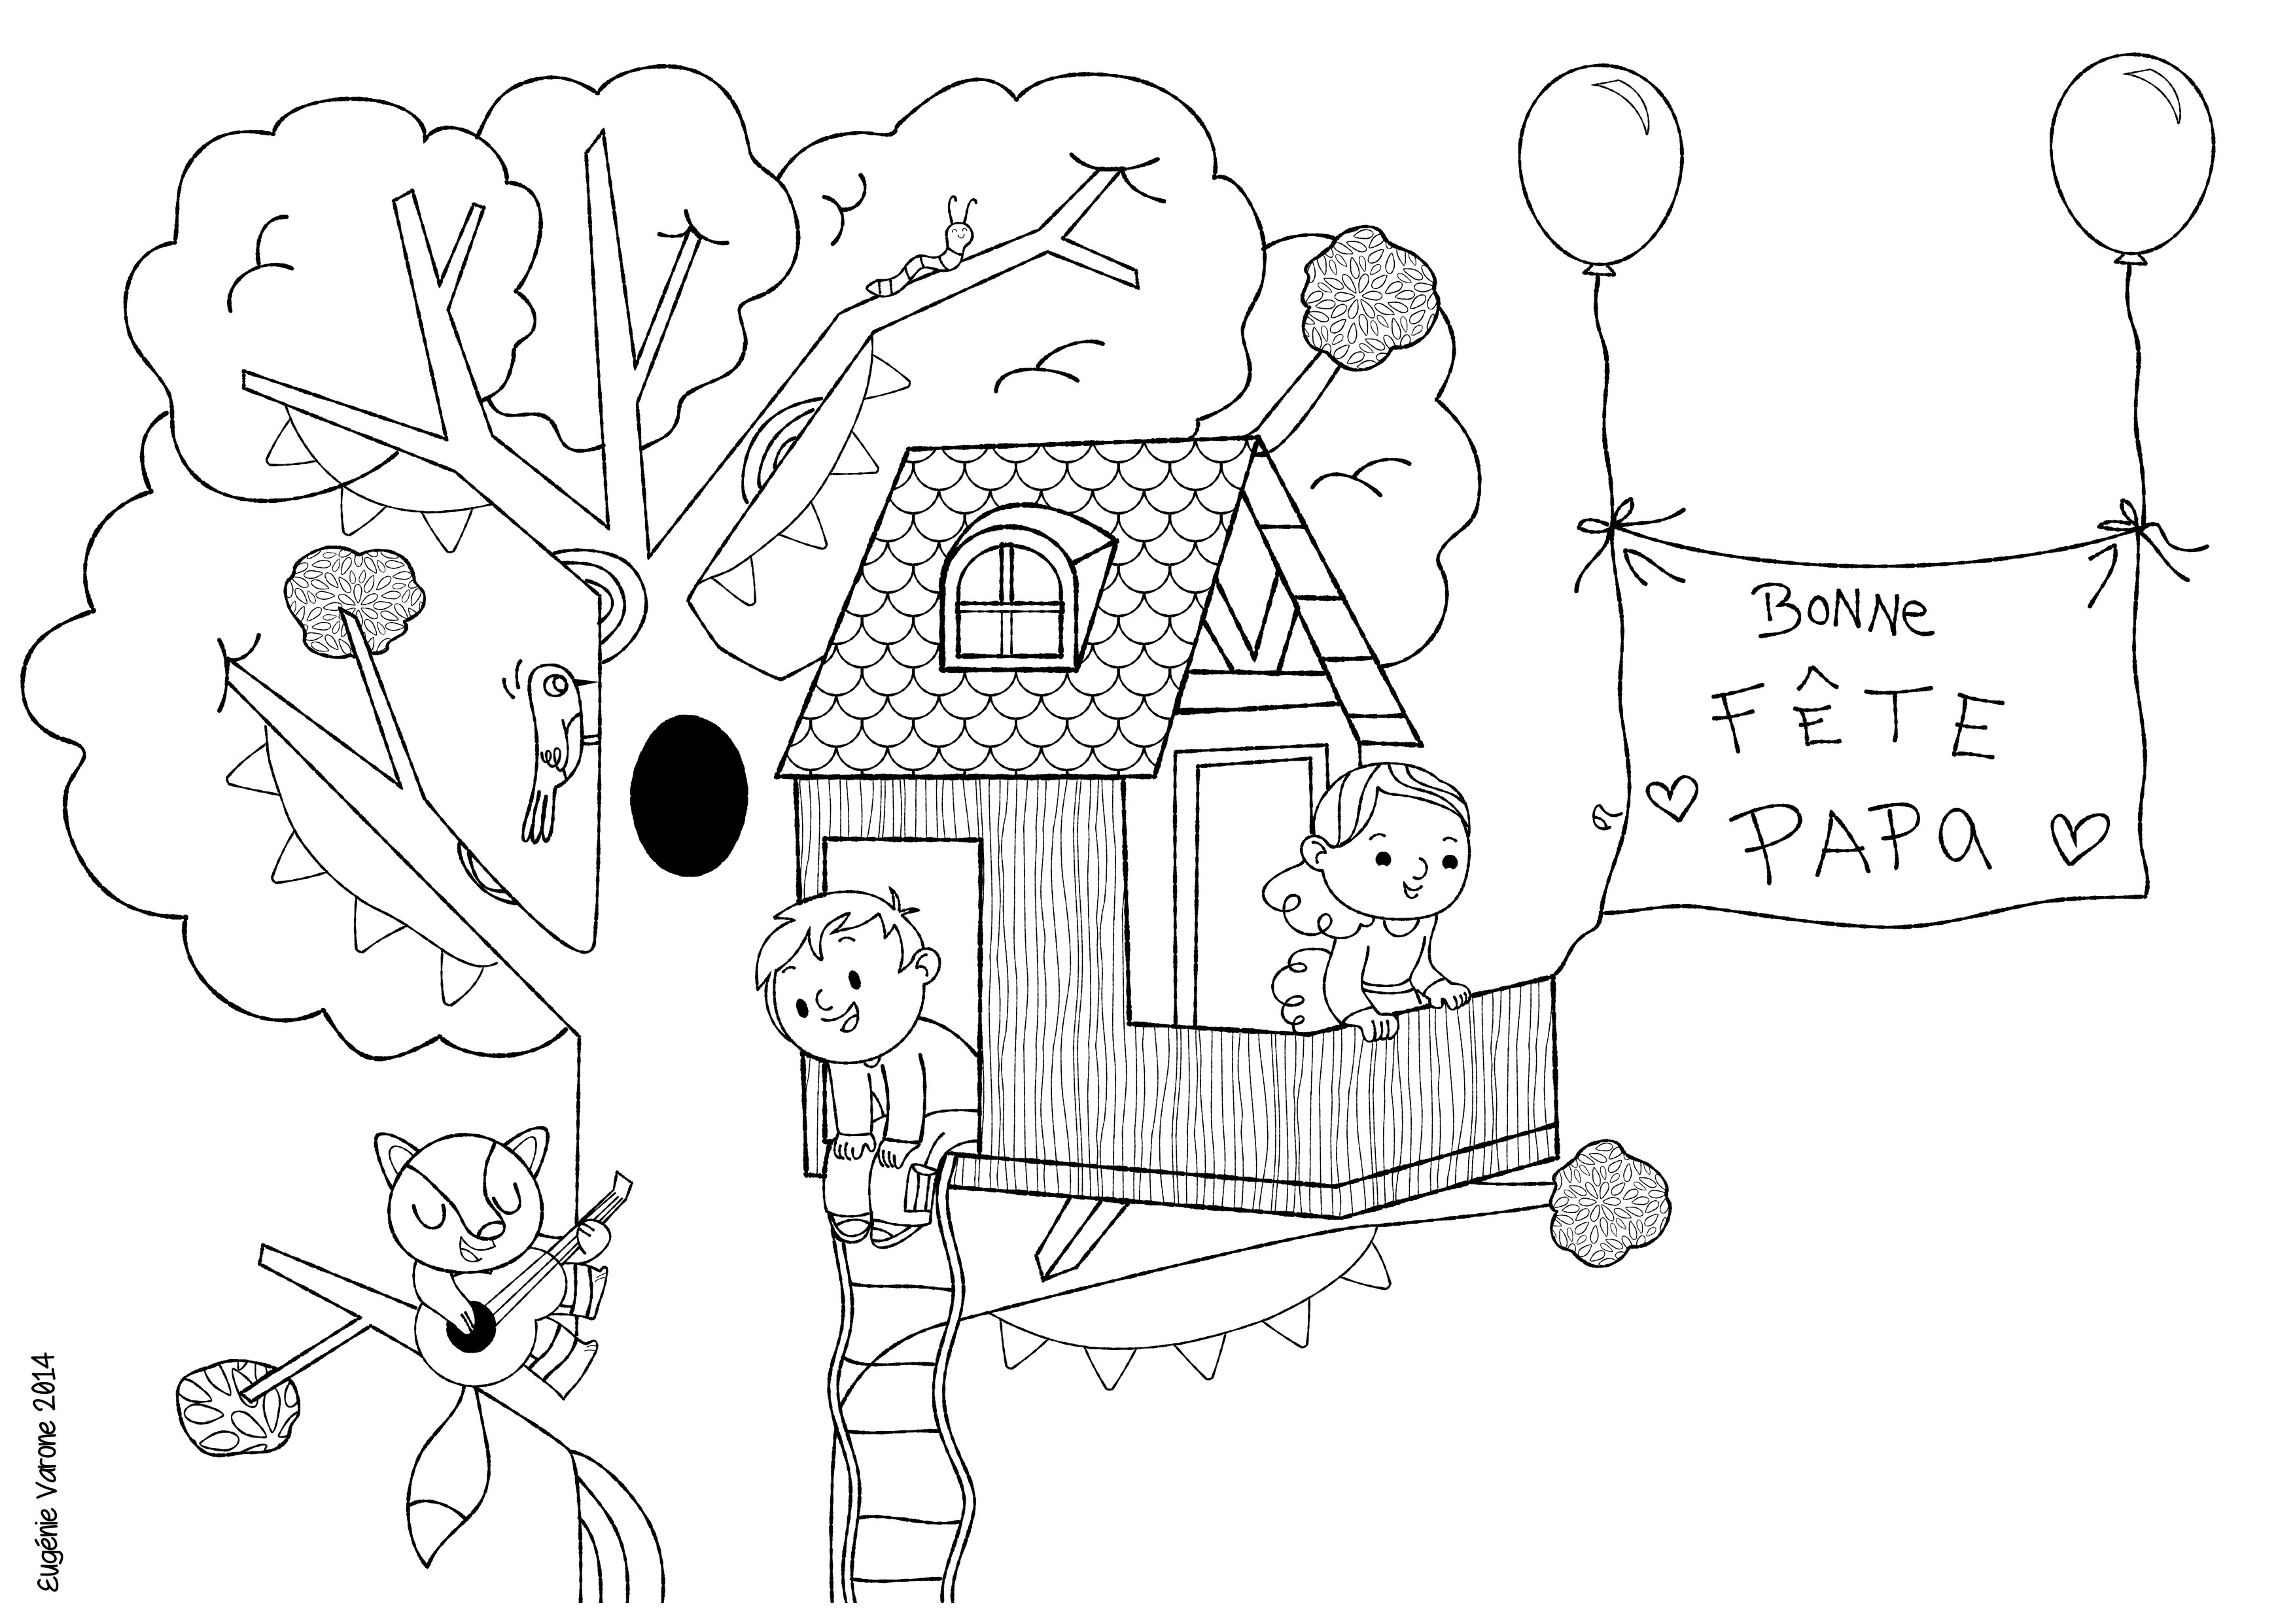 dessins fete des peres a colorier